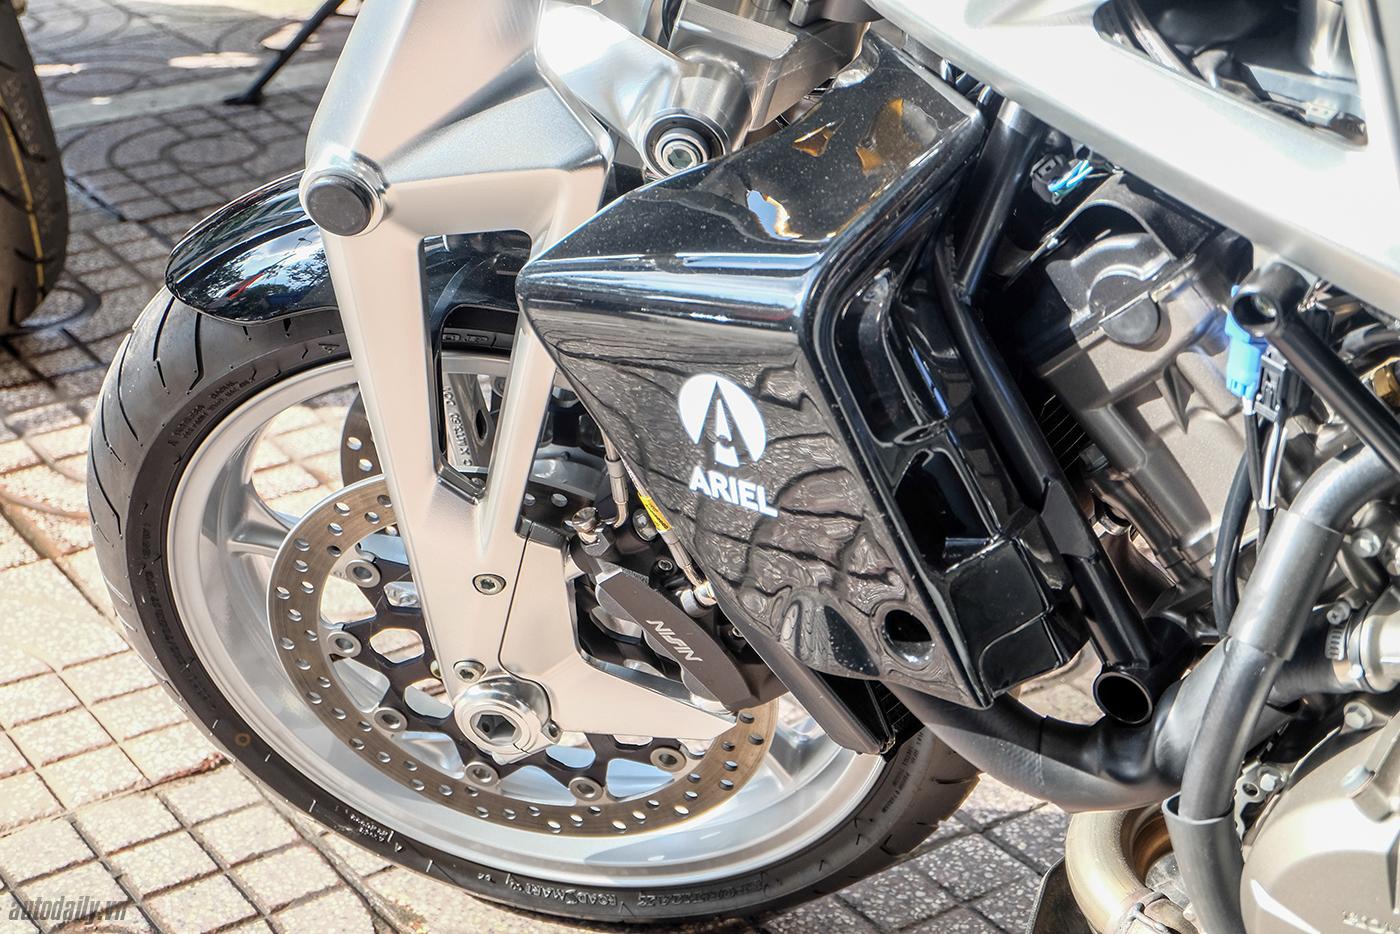 ariel-ace-50.jpg